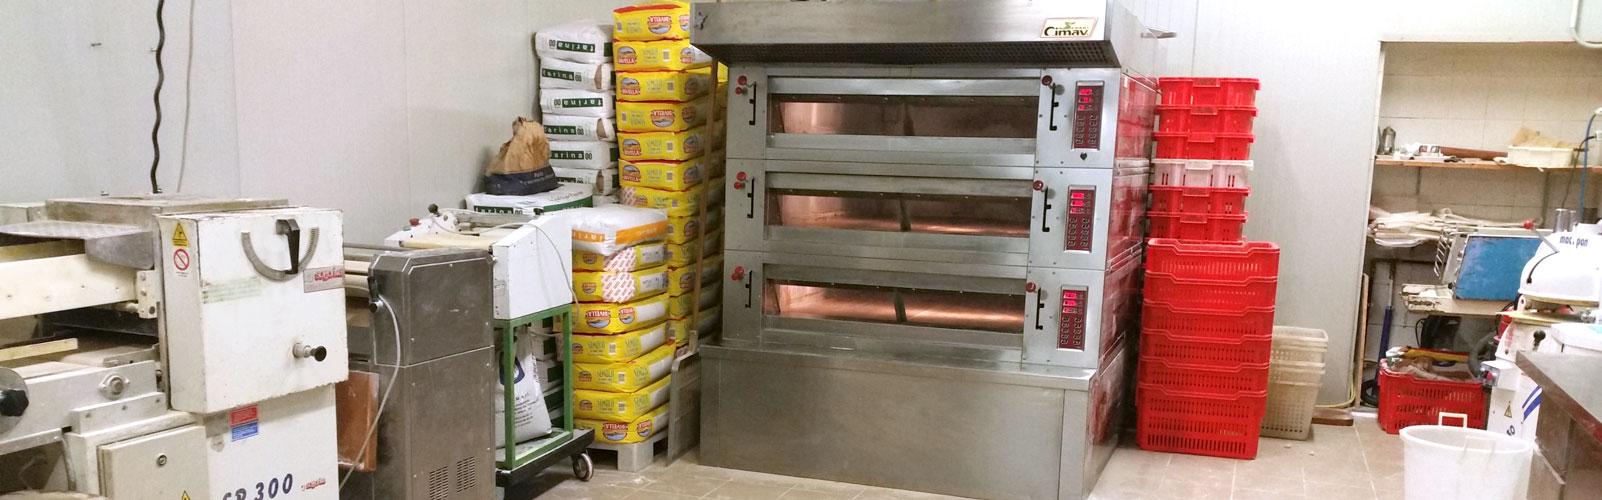 Arredamento negozi milano lombardia arredamento for Arredamento pasticceria prezzi